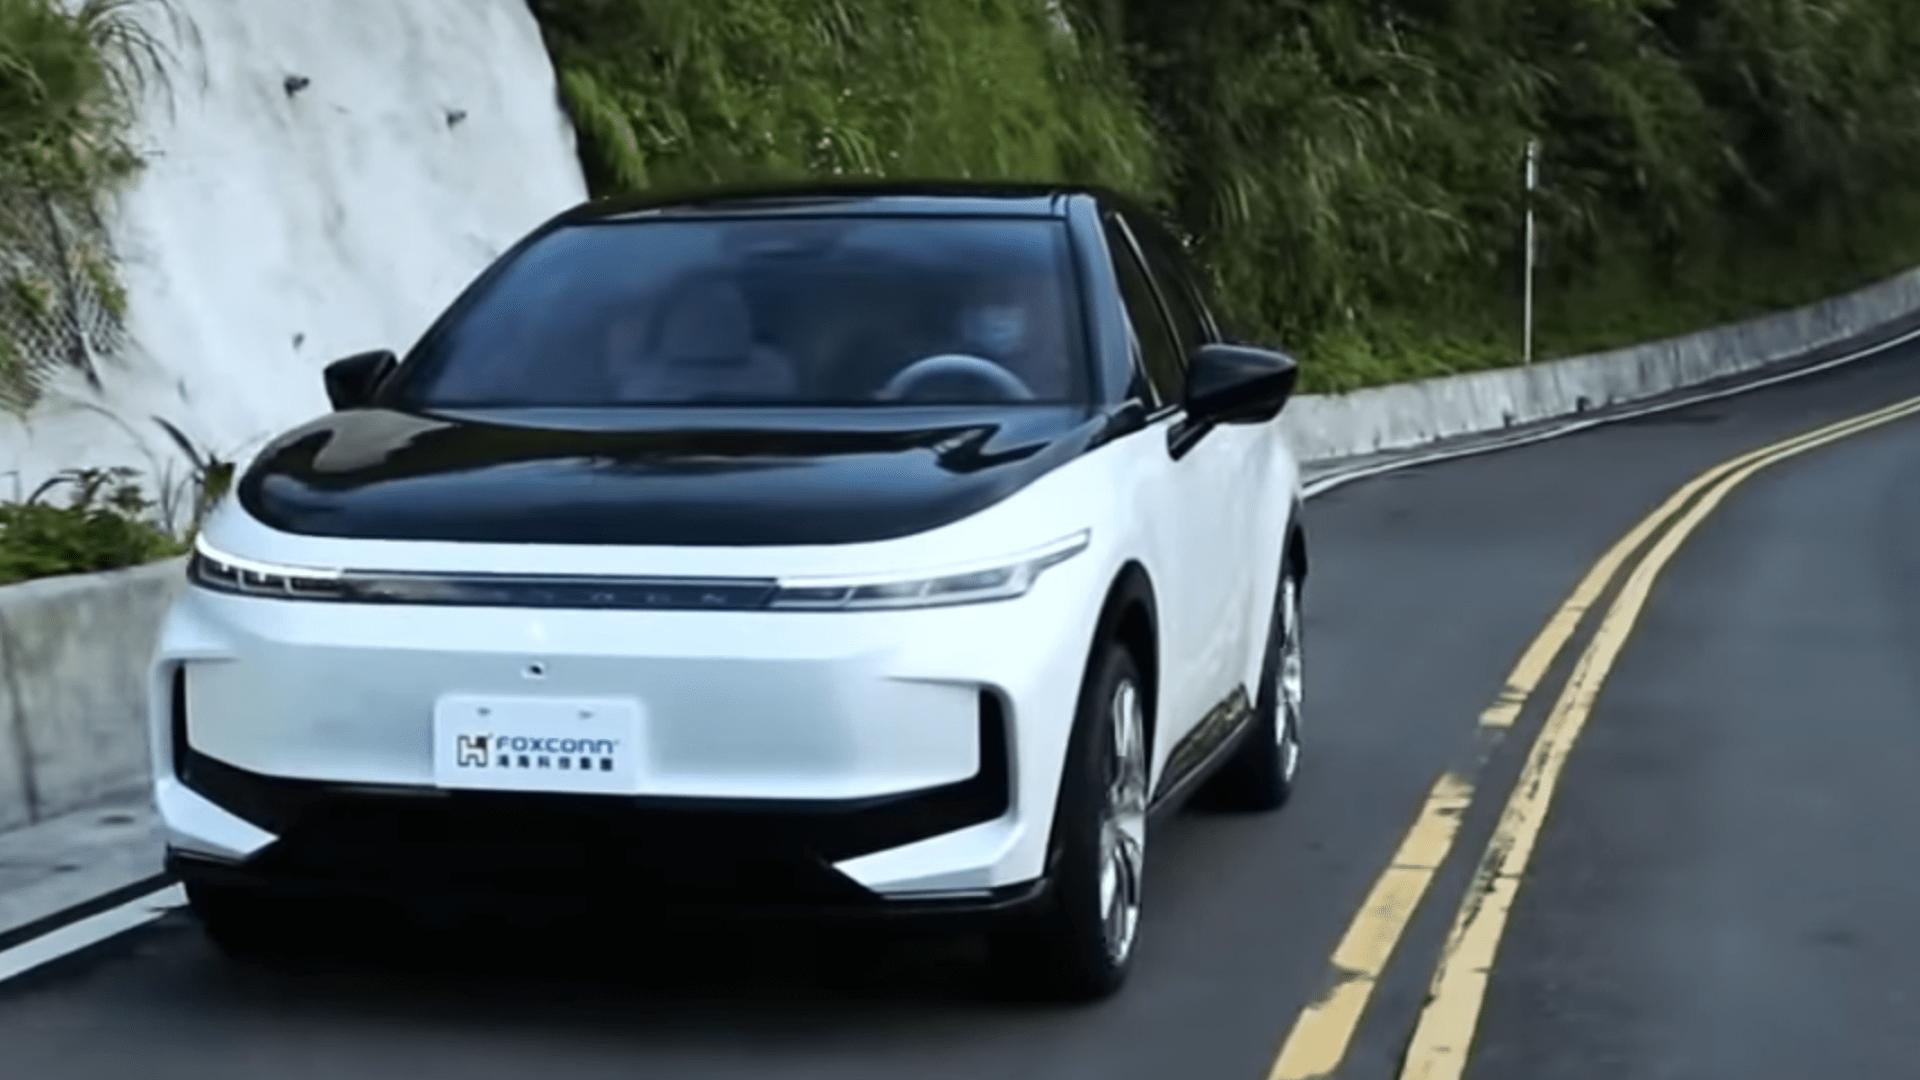 China, Auto, Elektroautos, Elektroauto, E-Auto, Foxconn, Taiwan, Bus, EV, Model E, Foxtron